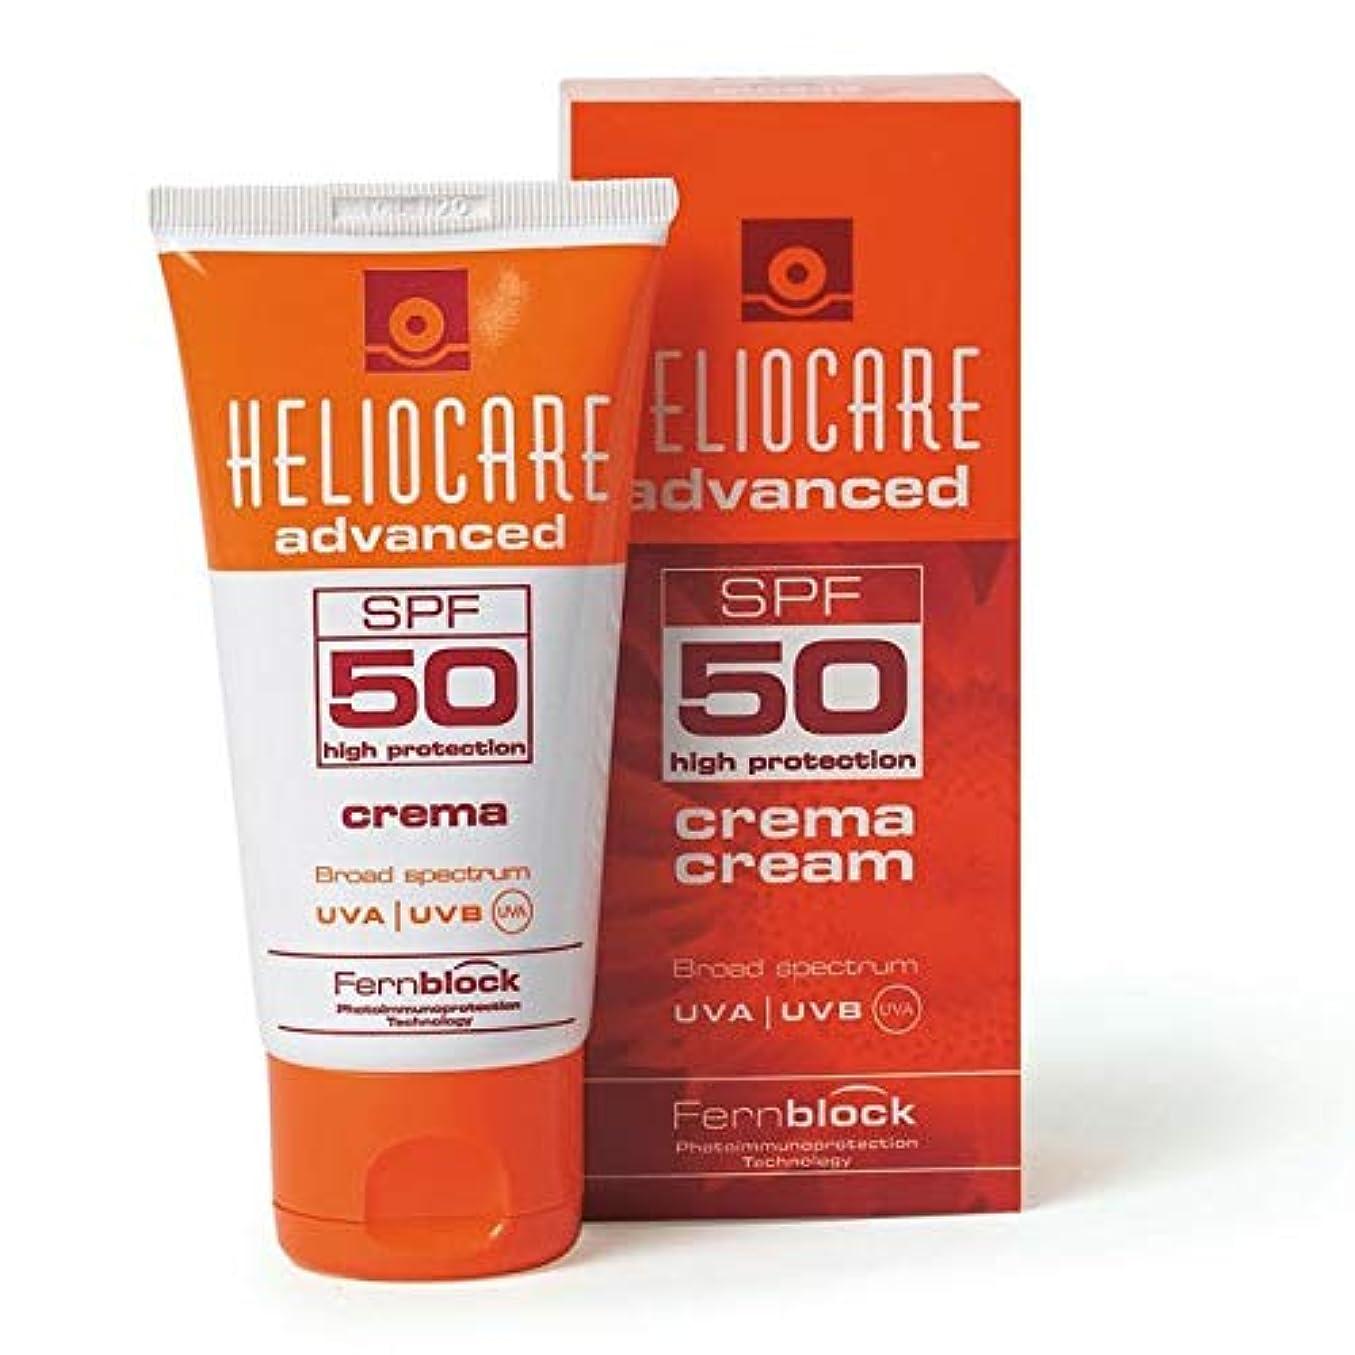 ギャロップ風景ニコチンヘリオケア日焼け止めクリームSPF50 HELIOCARE Advanced cream 50ml 国内正規品